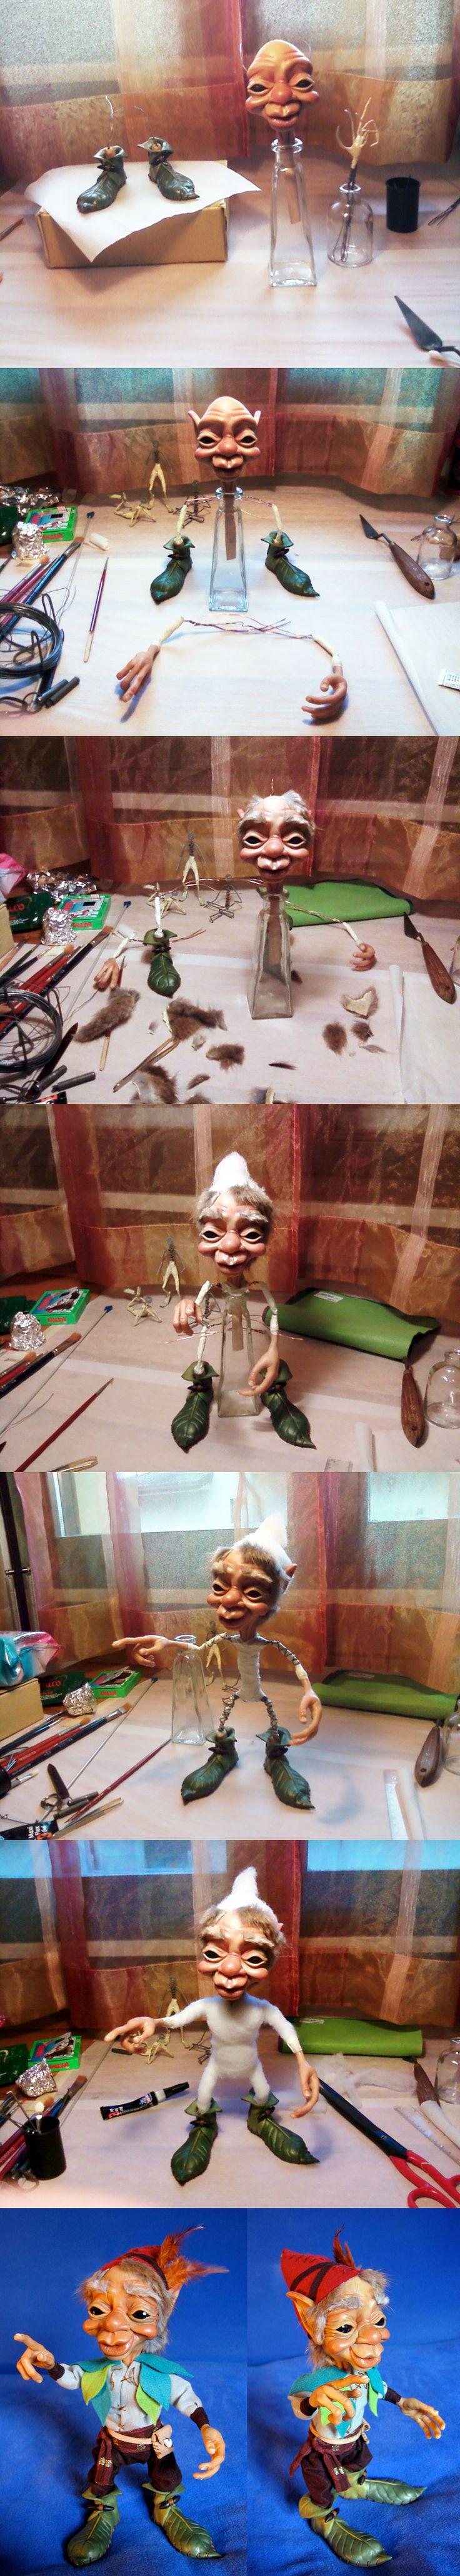 Creating Dado - E. Bisetto www.teeliesfairygarden.com  #fairygarden                                                                                                                                                                                 More